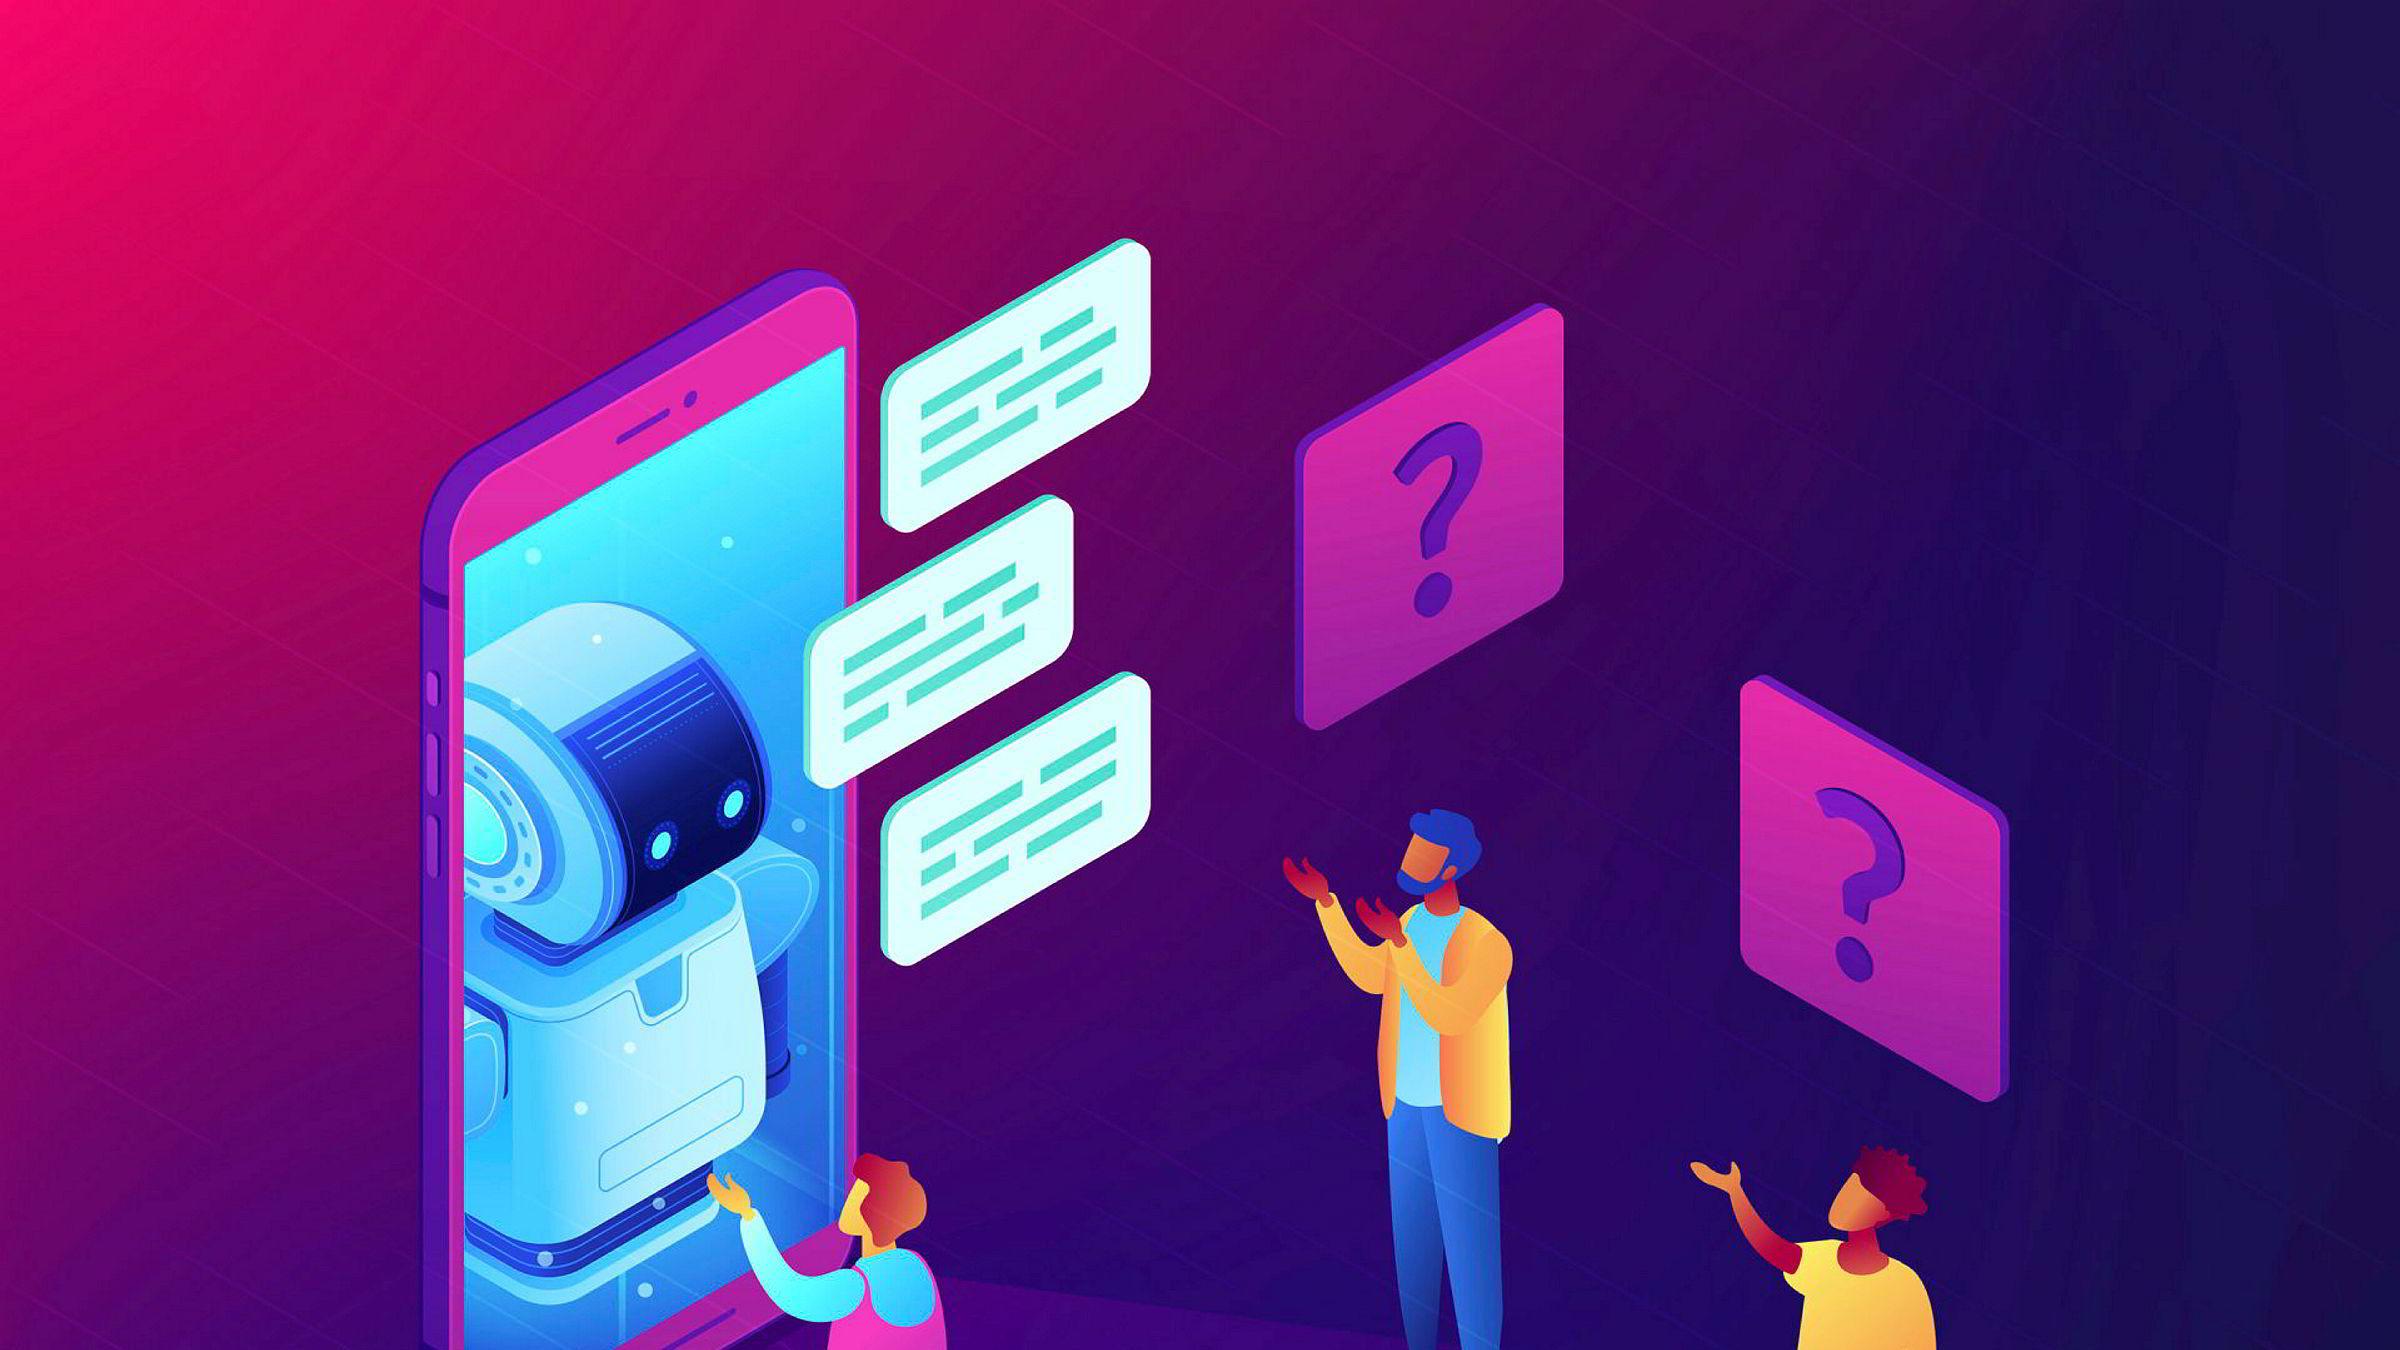 Det er behov for en felles nasjonal arena hvor akademia og næringsliv jobber sammen, hvor mindre bedrifter kan få drahjelp til sine prosjekter og hvor start-ups kan få tilgang på relevante datasett. Bildet viser en chatbot – et nytt produkt som er gjort mulig ved hjelp av kunstig intelligens.